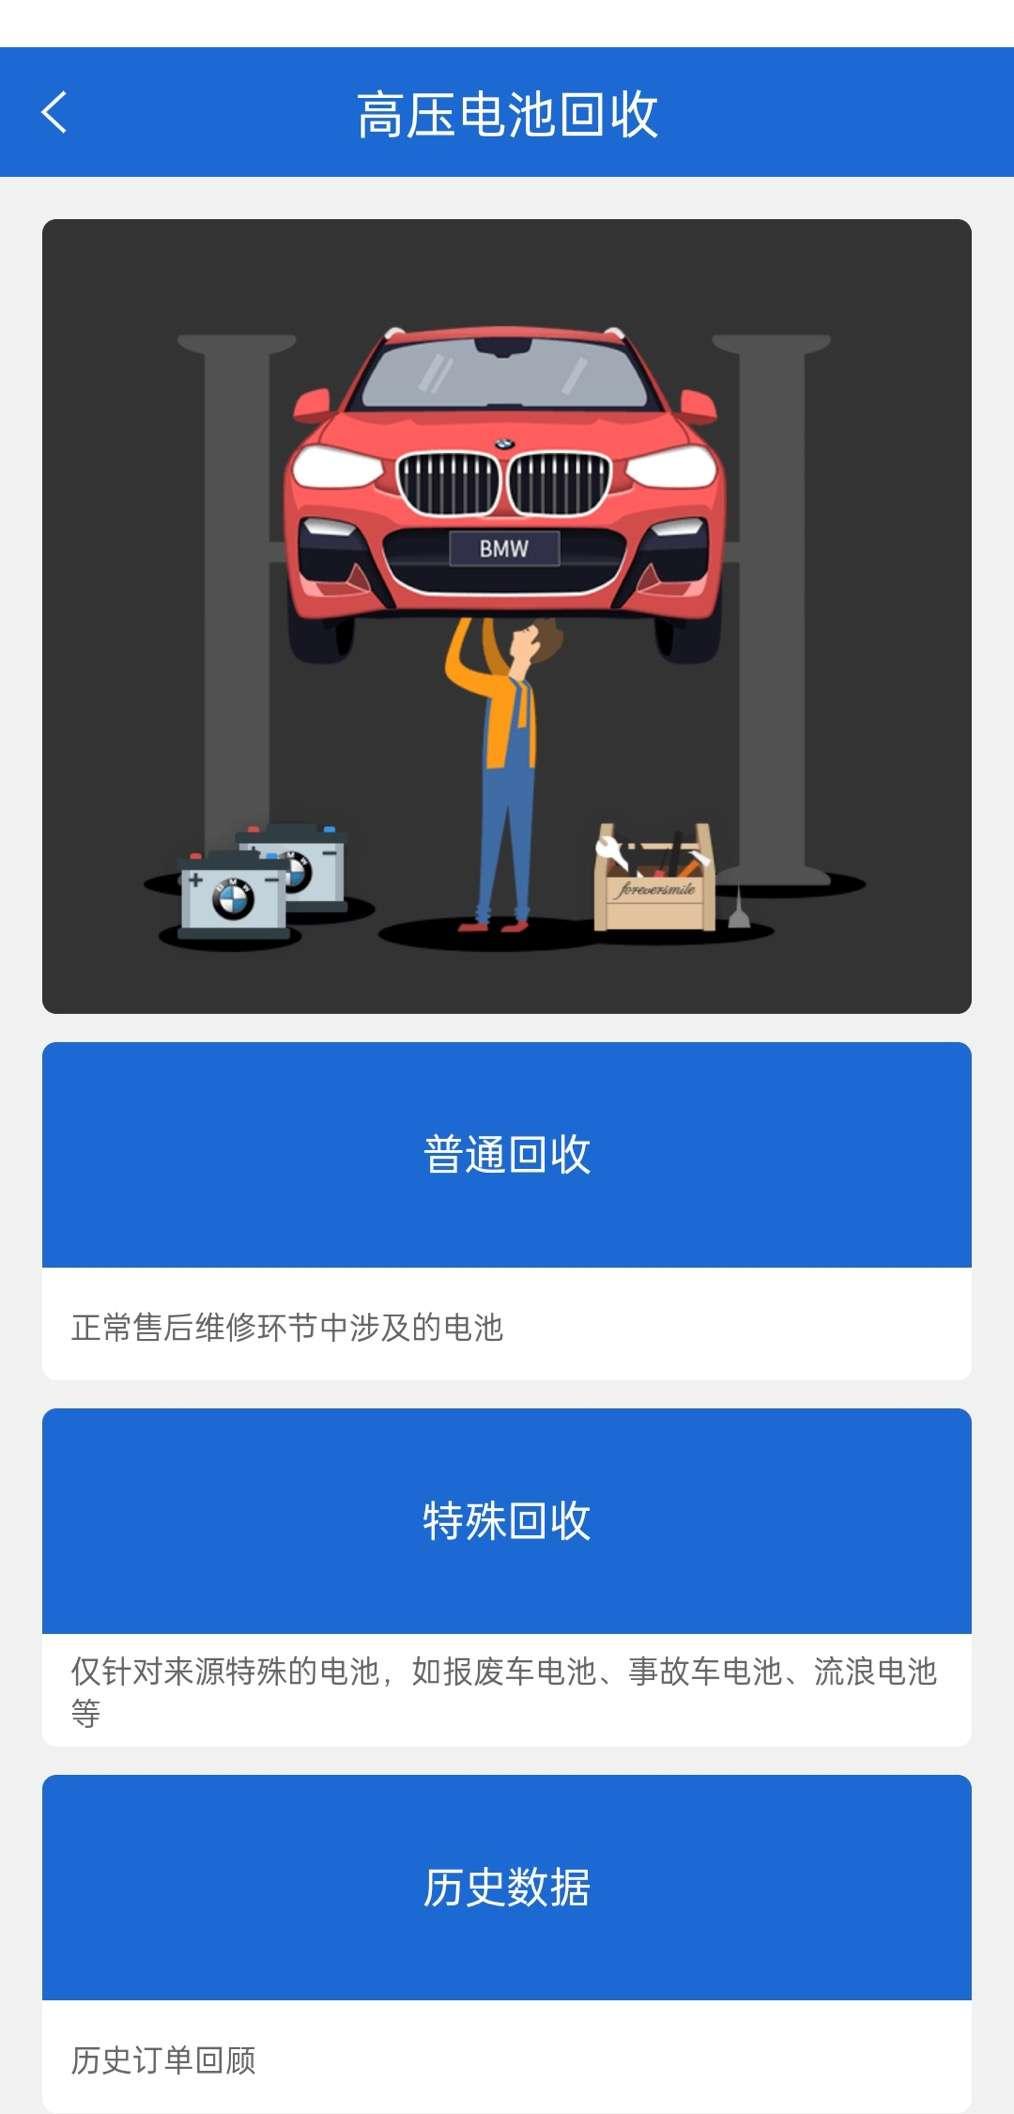 携手合作伙伴 宝马在中国建立动力电池回收管理体系